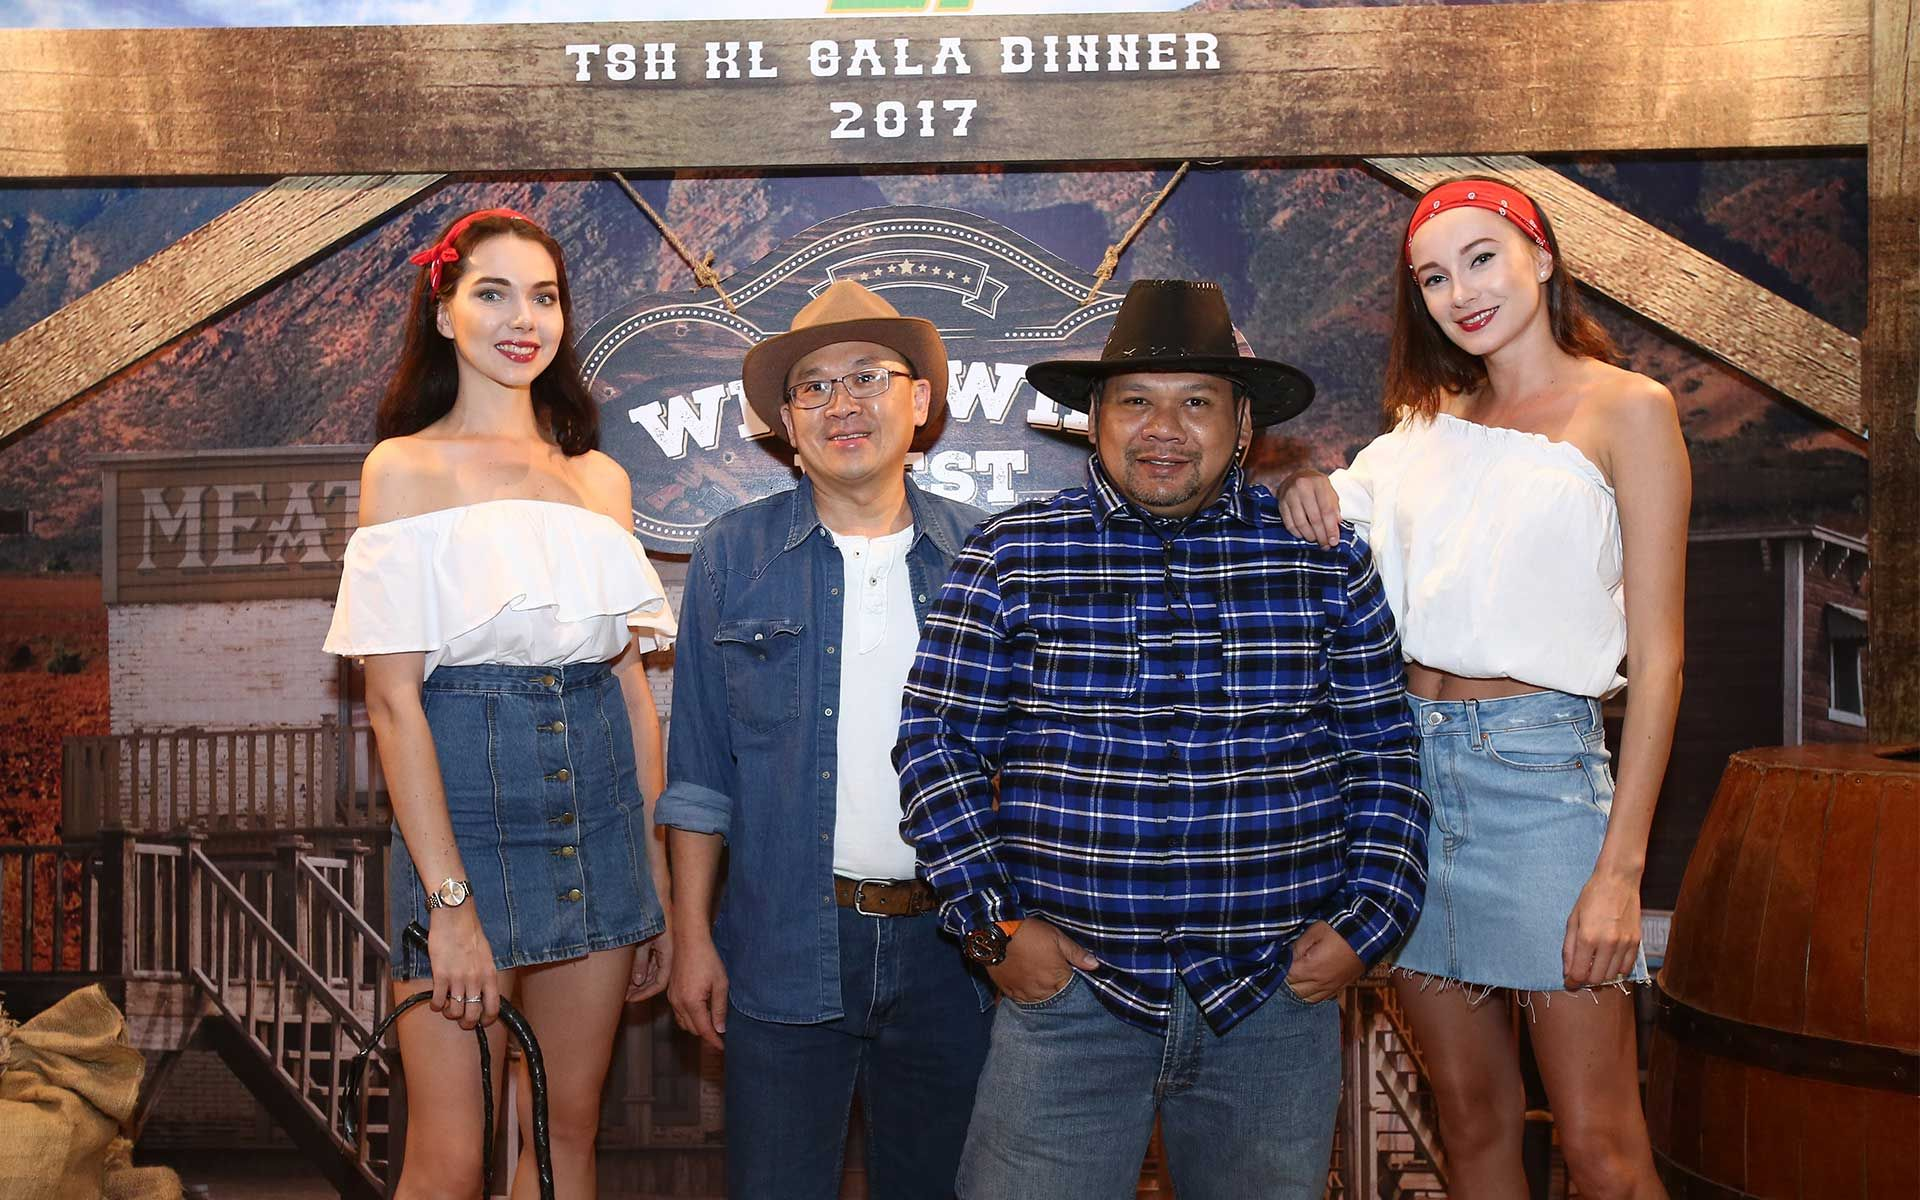 Fong Ging Pang and Alvin Azhar